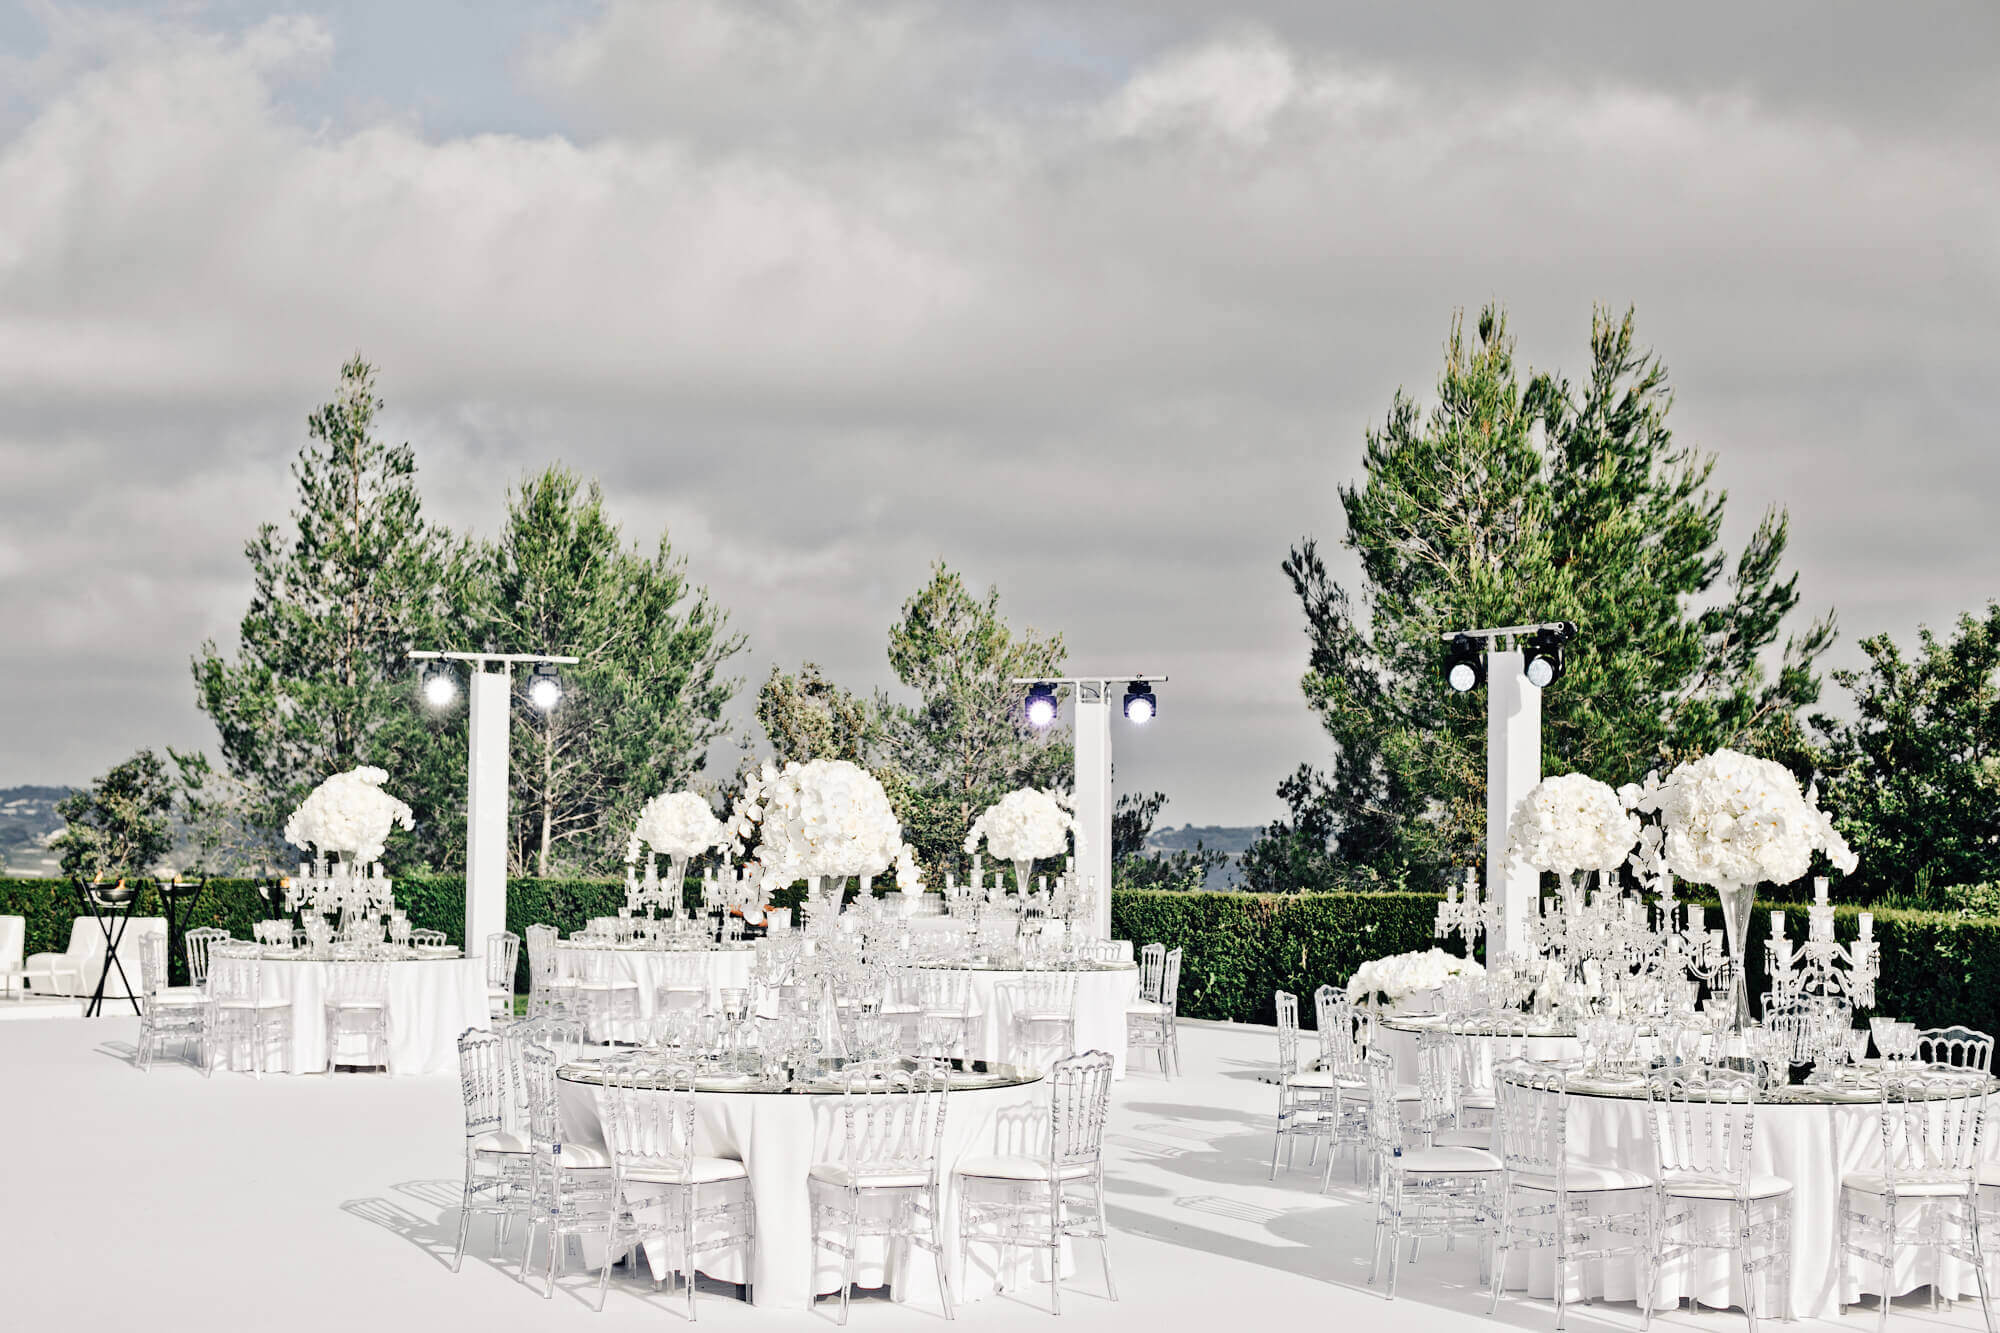 Свадебный банкет под открытым небом. Свадьба во Франции